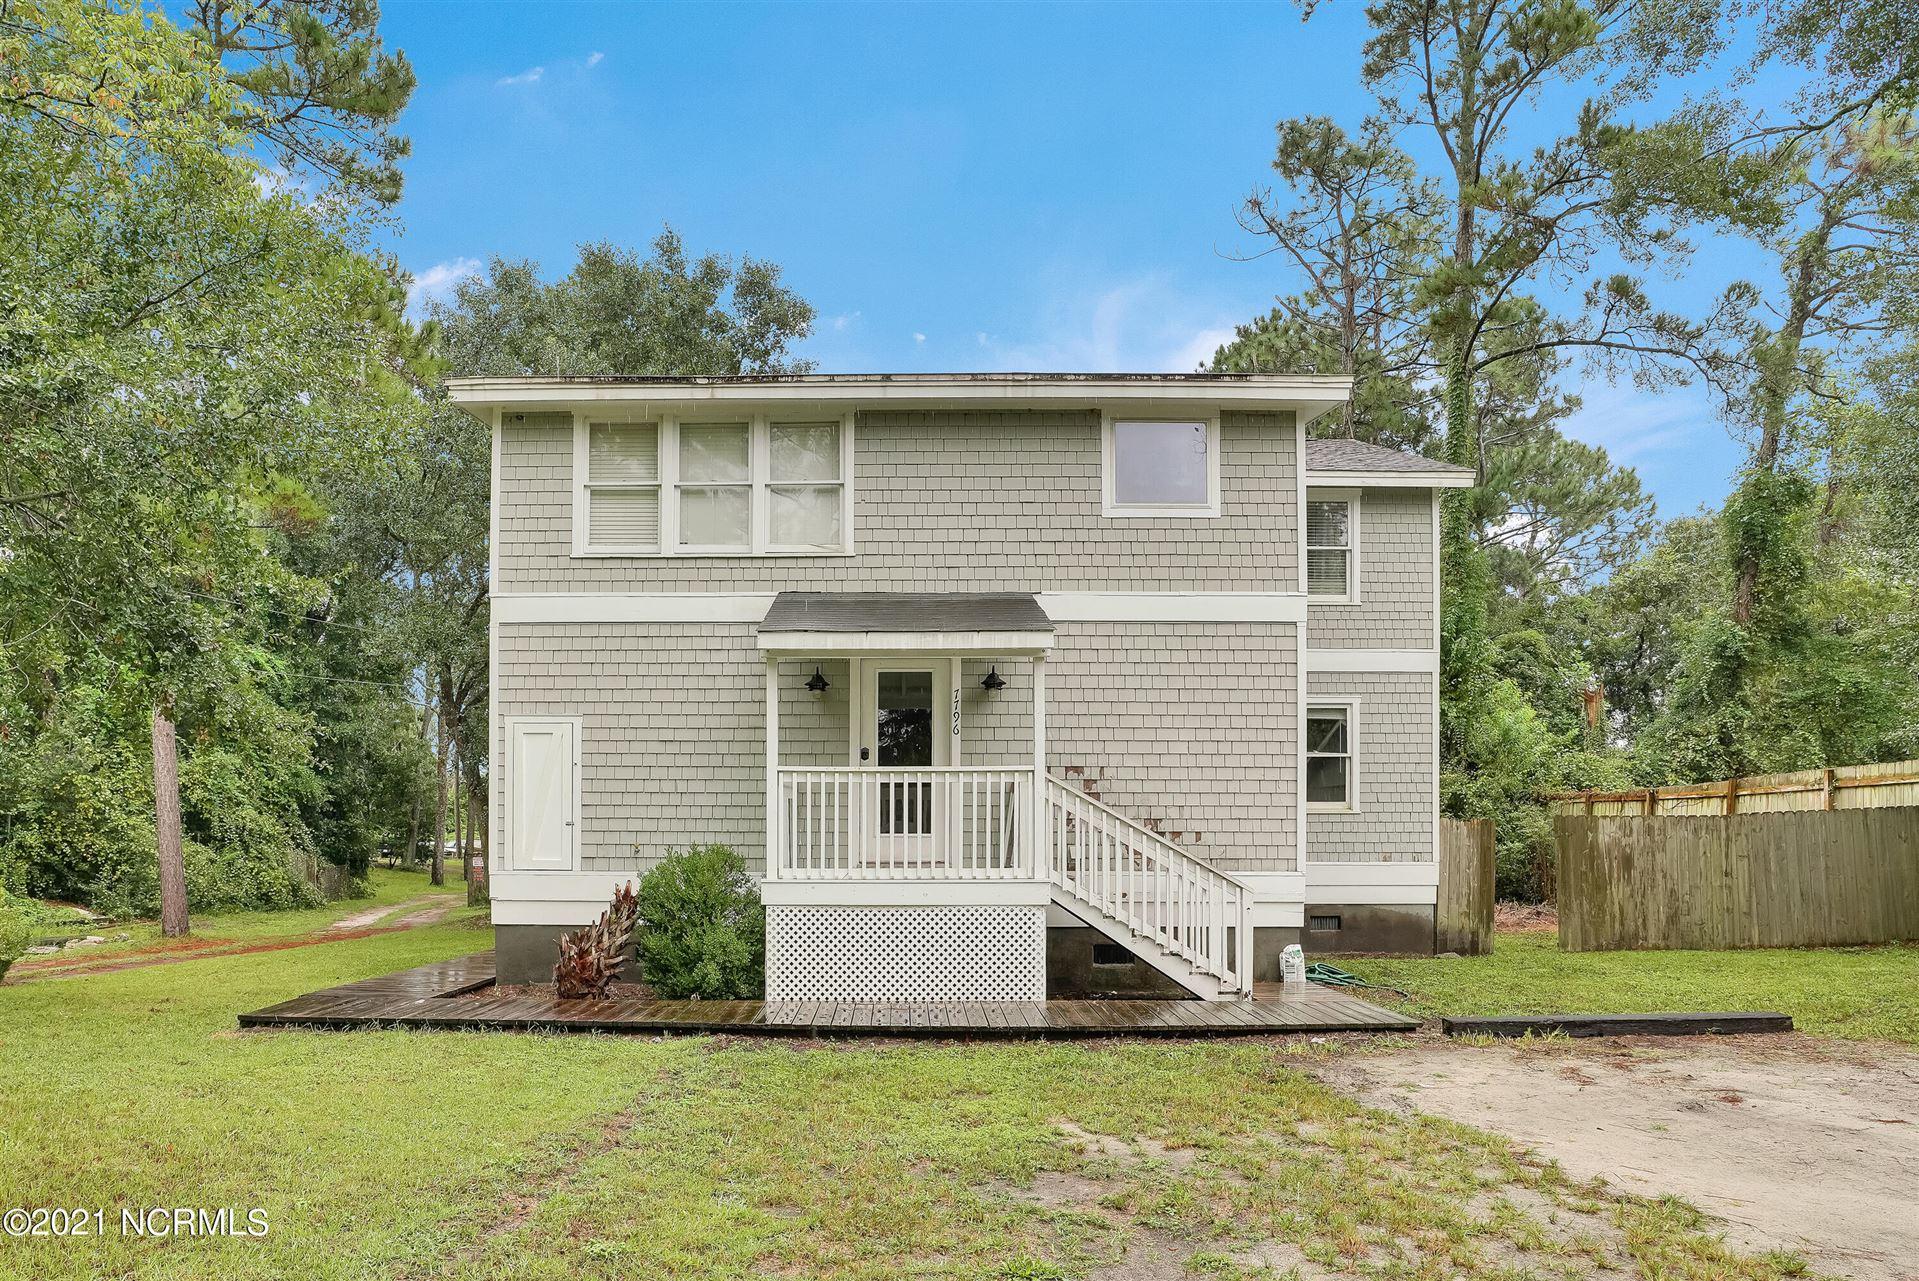 Photo of 7796 Alexander Road, Wilmington, NC 28411 (MLS # 100290111)